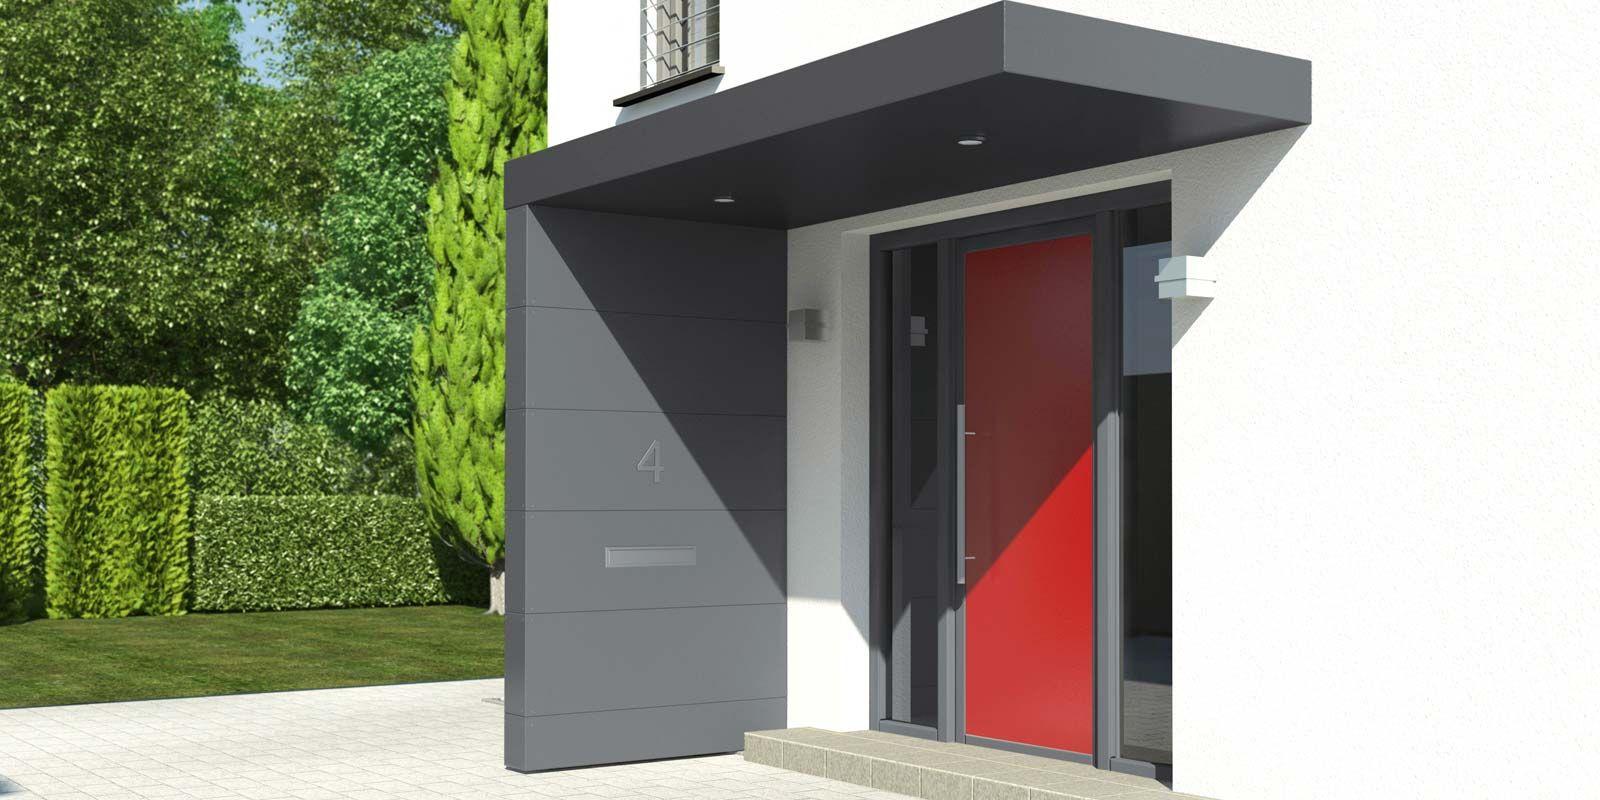 Schön Windfang Hauseingang Geschlossen Das Beste Von Siebau Eingangsüberdachungen Mit Verkleidung Aus Fassadenplatten